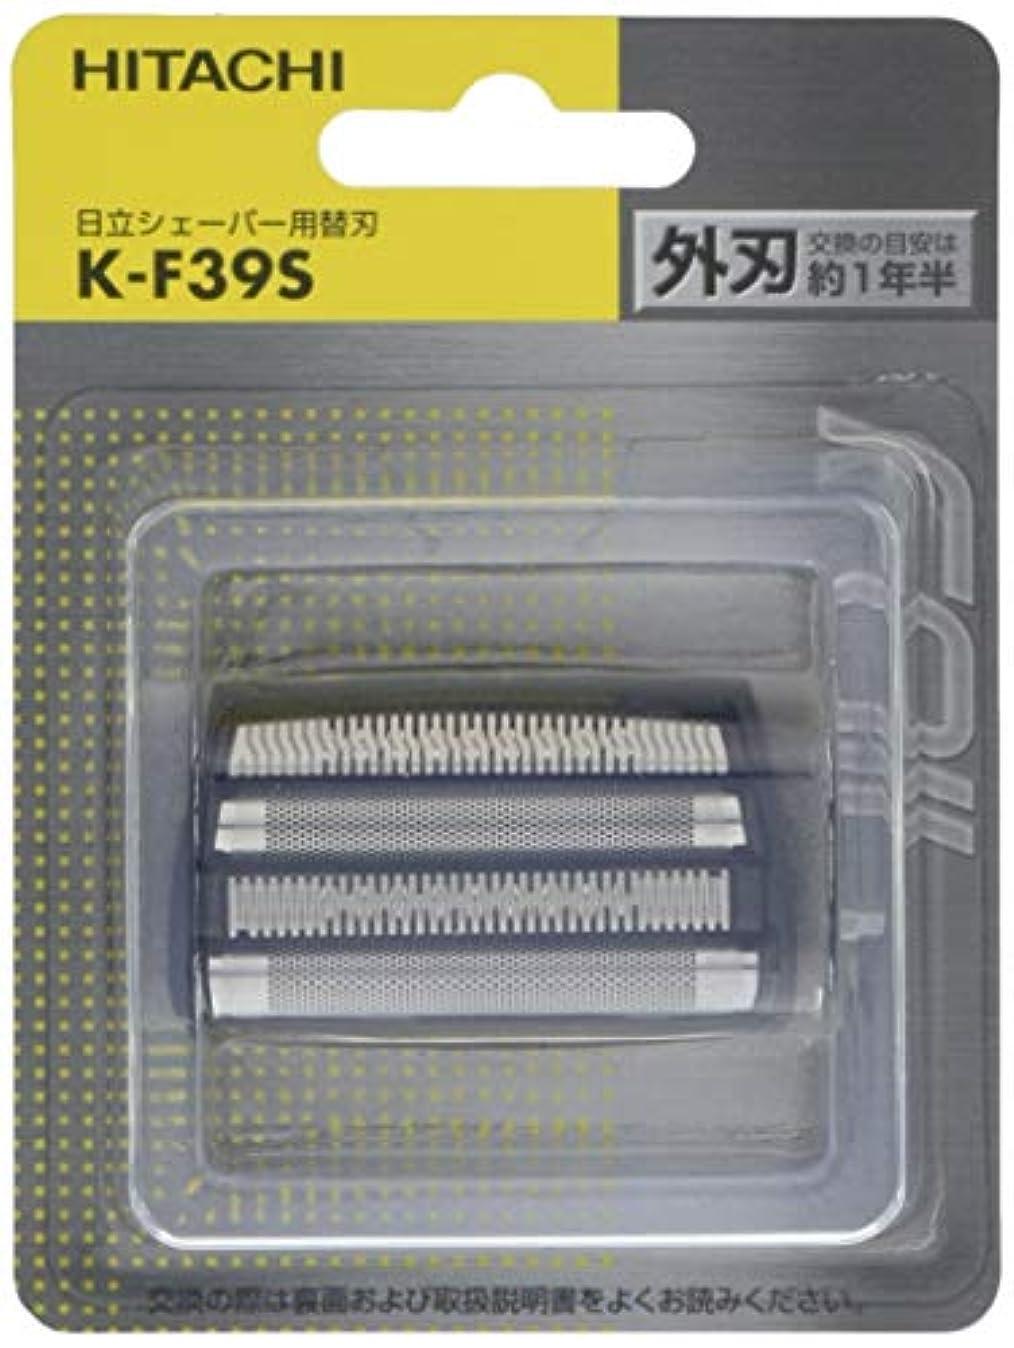 イサカ風味ミリメートル日立 メンズシェーバー用替刃(外刃) K-F39S